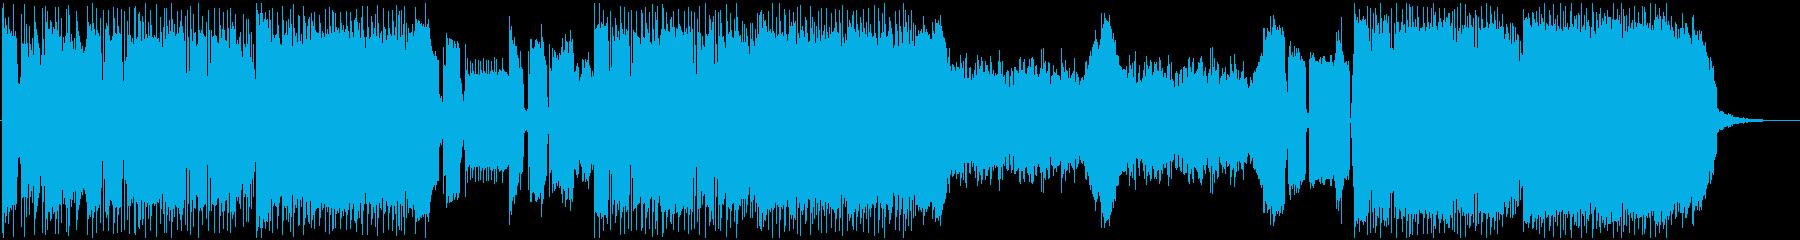 ワイルドなバトル系BGMの再生済みの波形